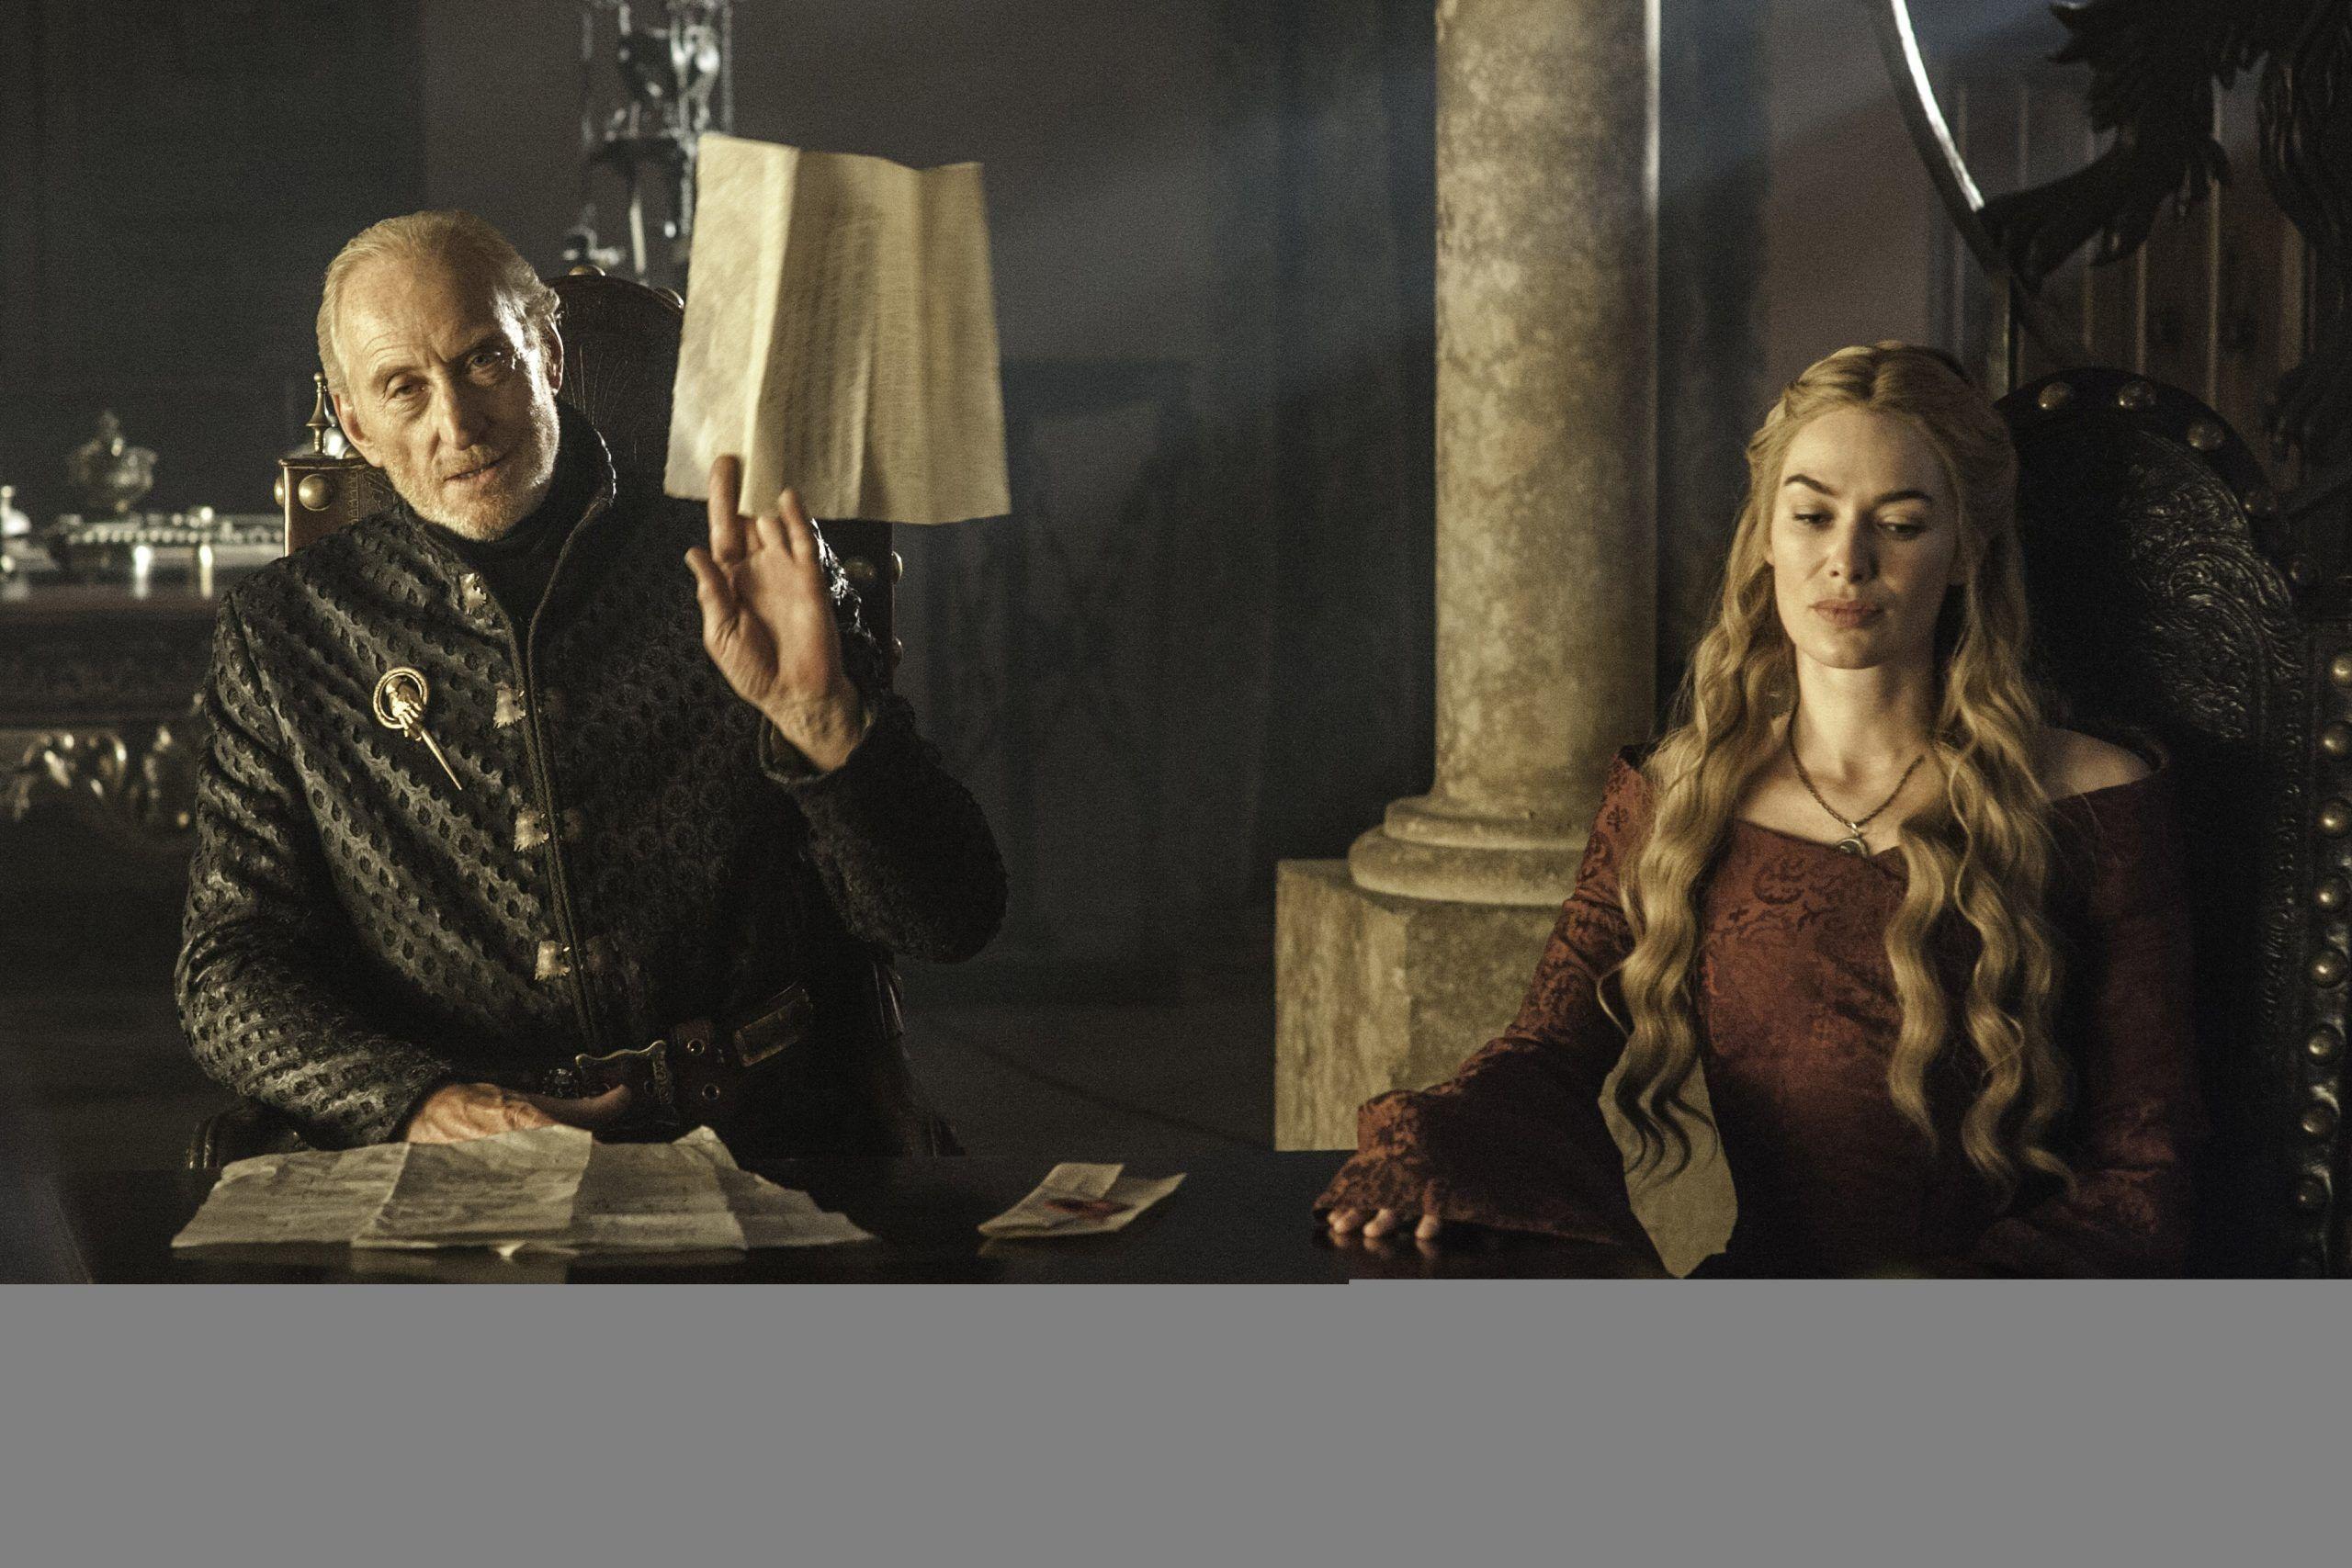 Orgoglio e Pregiudizio e Zombie: nel film in uscita anche due attori di Game of Thrones